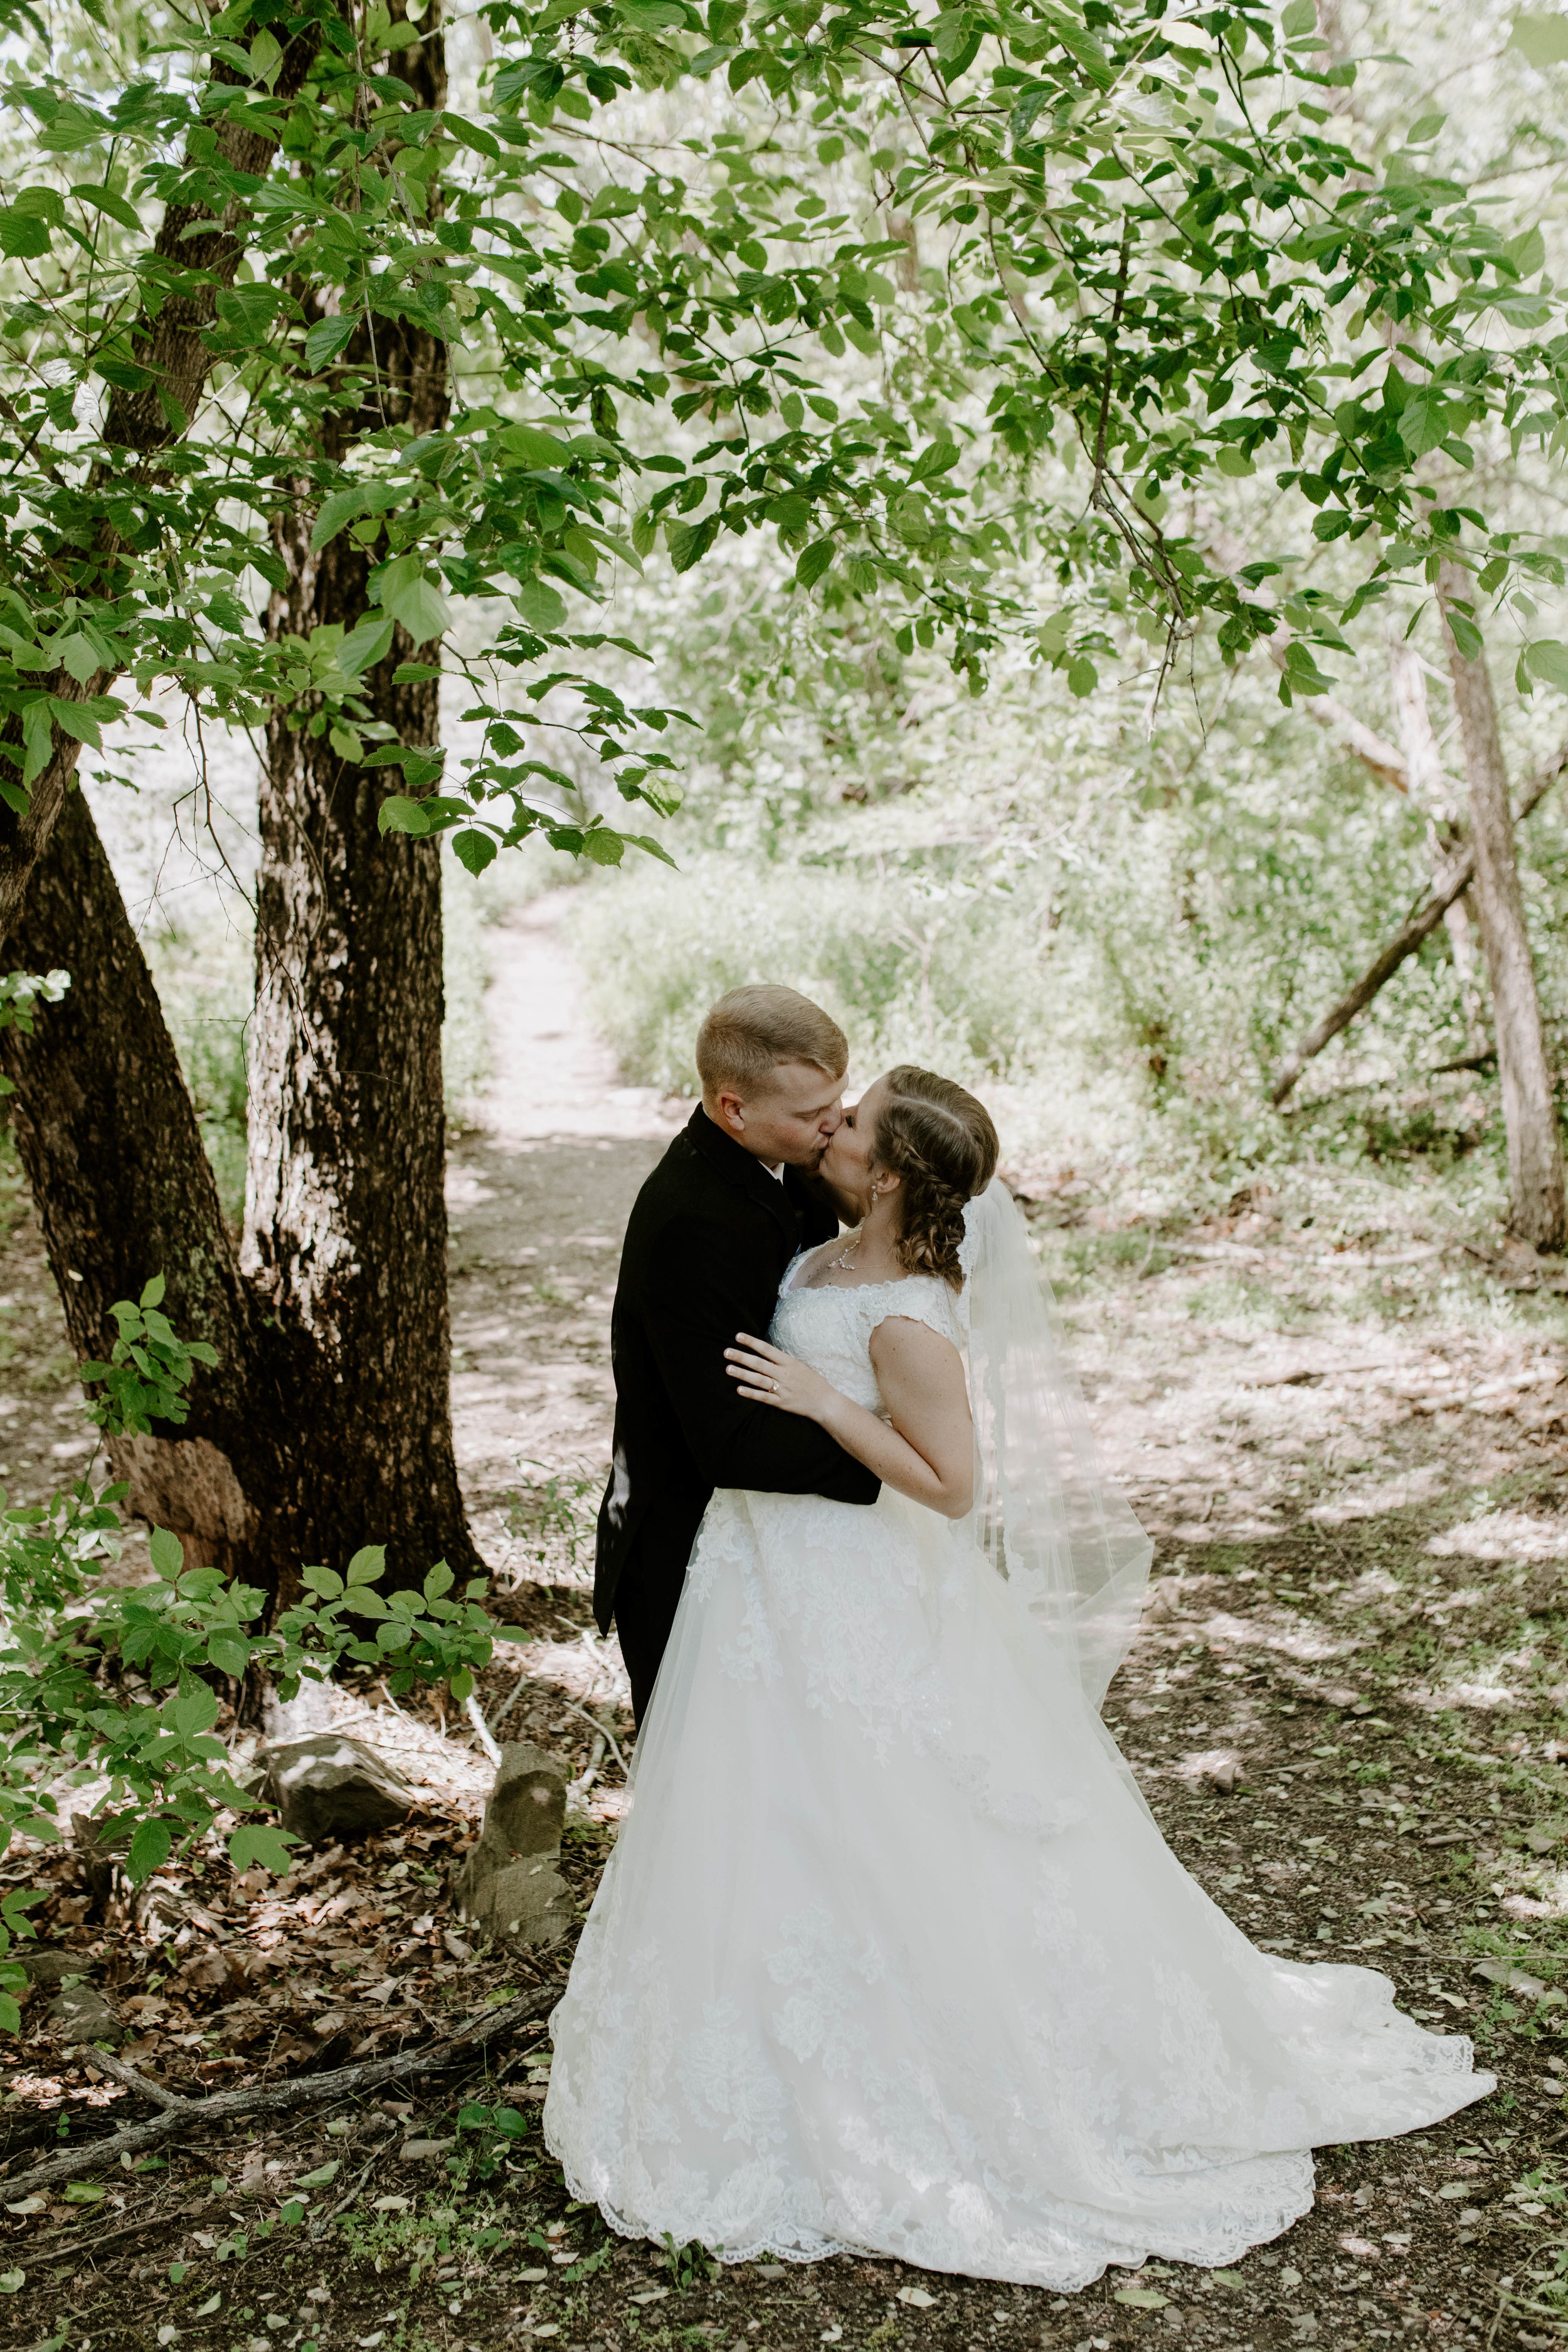 roberts bride & groom-82.jpg